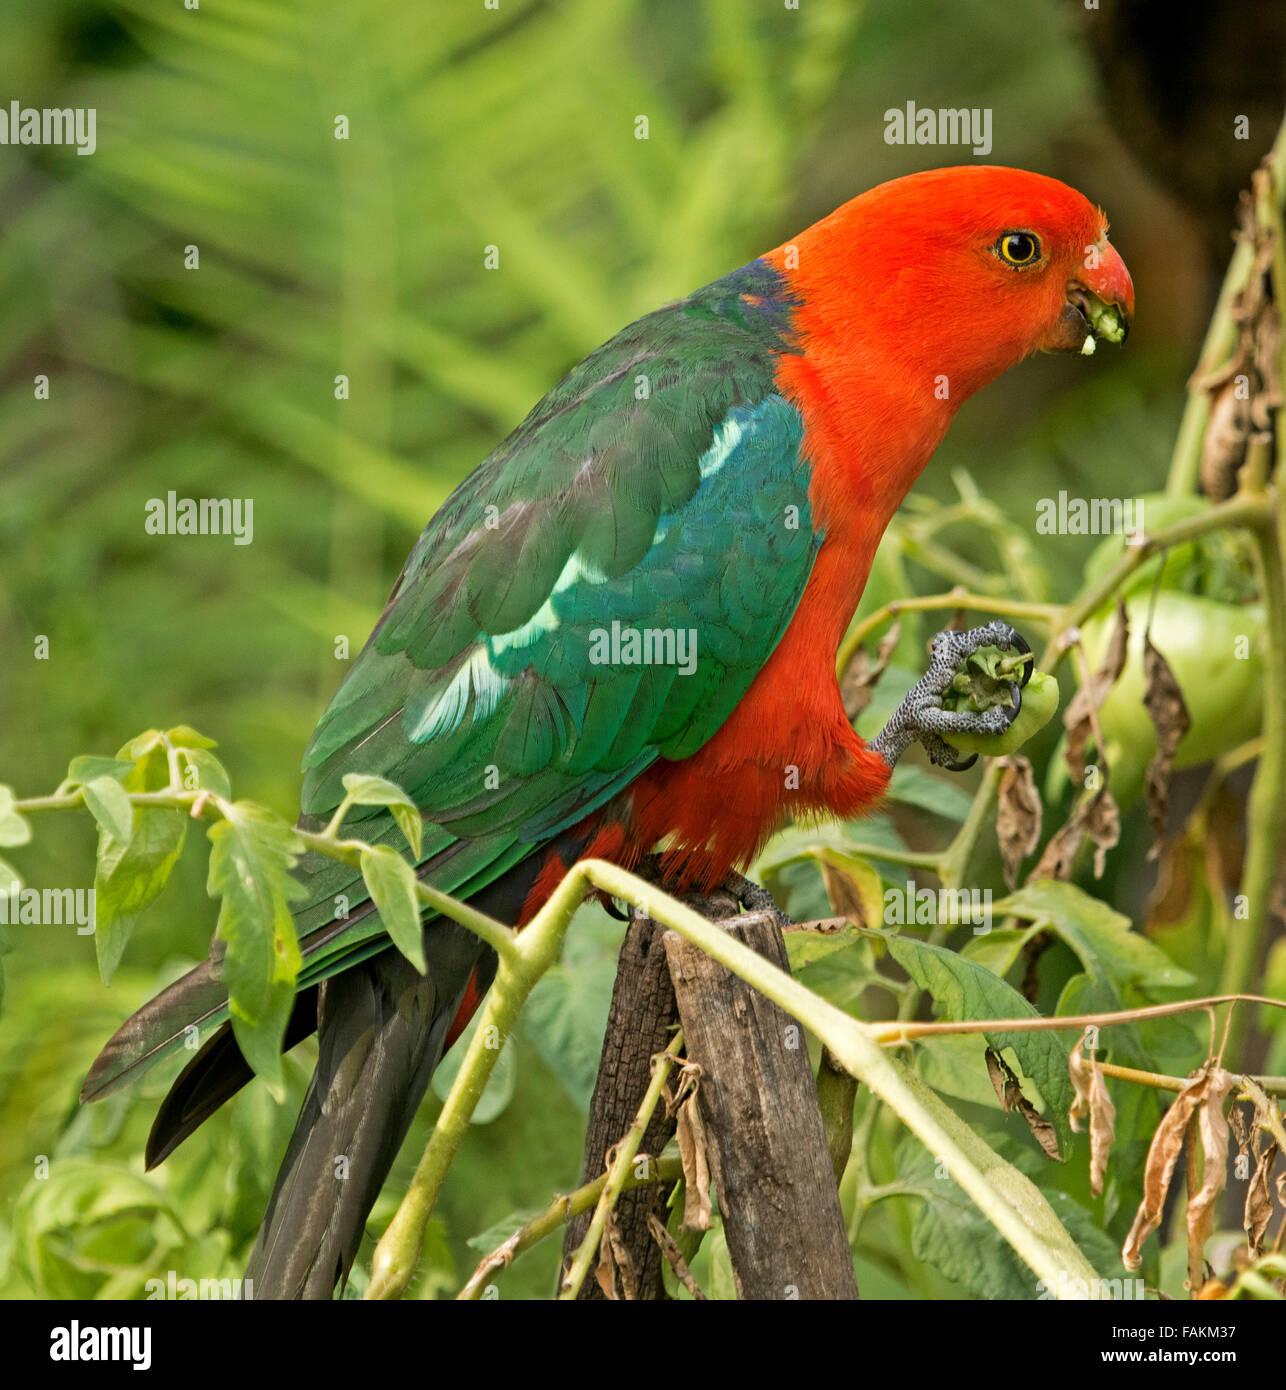 Spektakuläre lebhaft roten und grünen männlichen König Papagei Alisterus Scapularis auf Post Stockbild